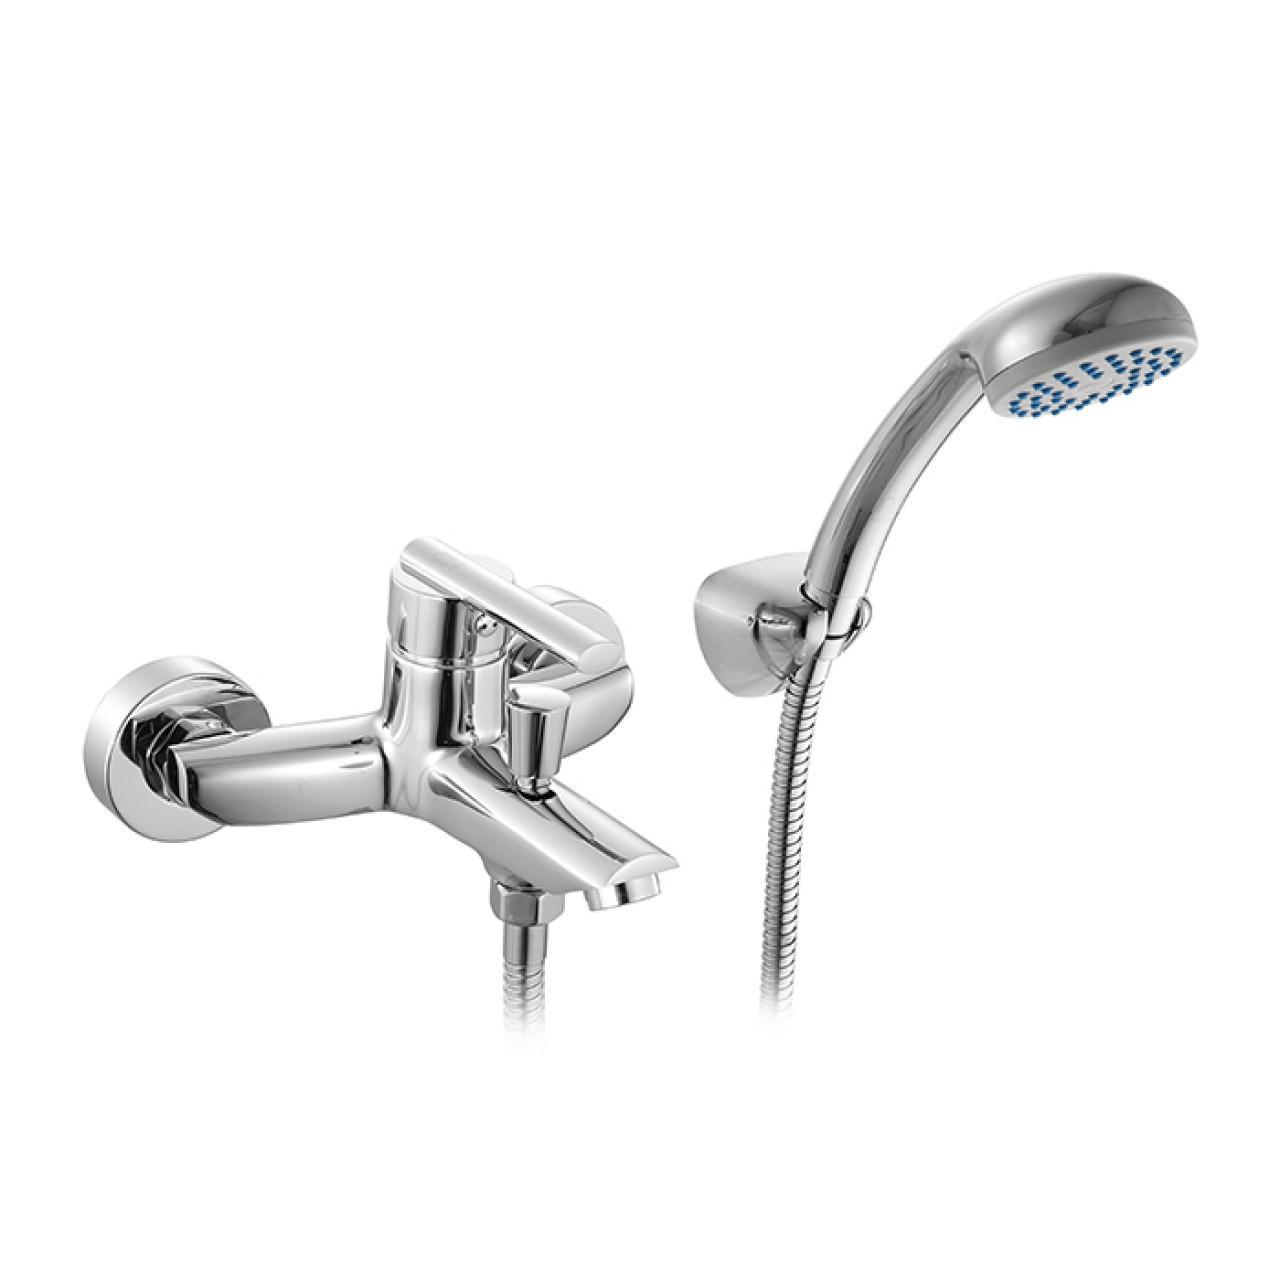 Смеситель Milardo Magellan MAGSB00M02 для ванны с душем купить в Москве по цене от 5310р. в интернет-магазине mebel-v-vannu.ru